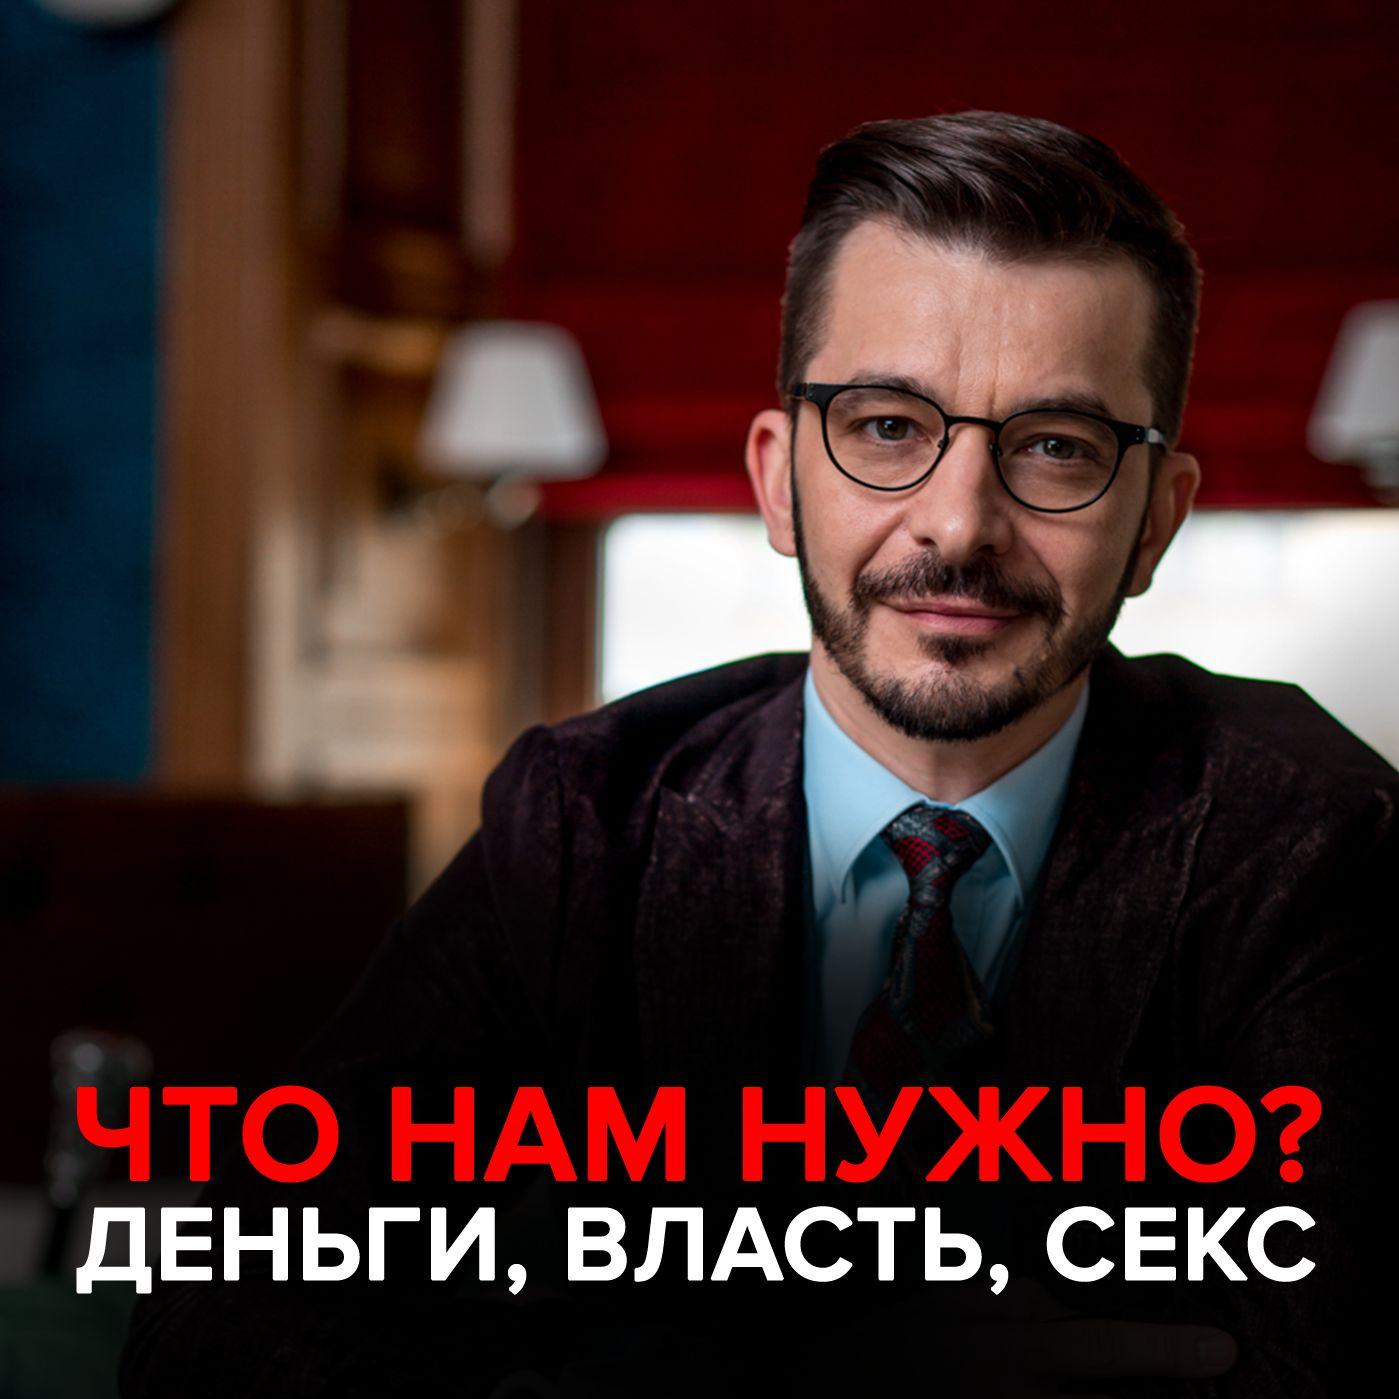 Андрей Курпатов Инстинкты и потребности. Как их удовлетворить?